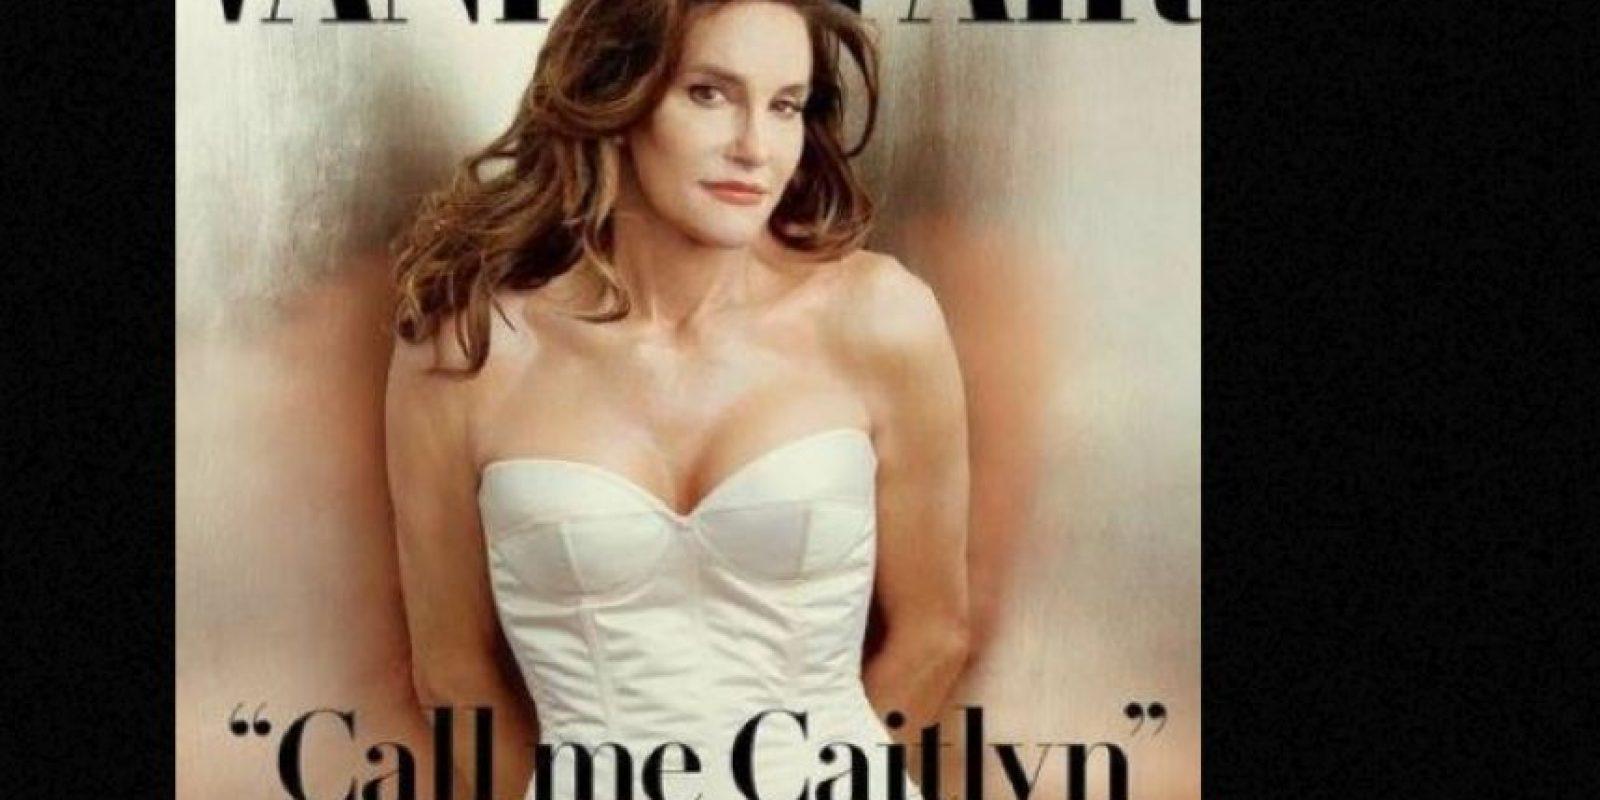 Caitlyn Jenner traumatizó a Kris con su cambio. Foto:vía Vanity Fair